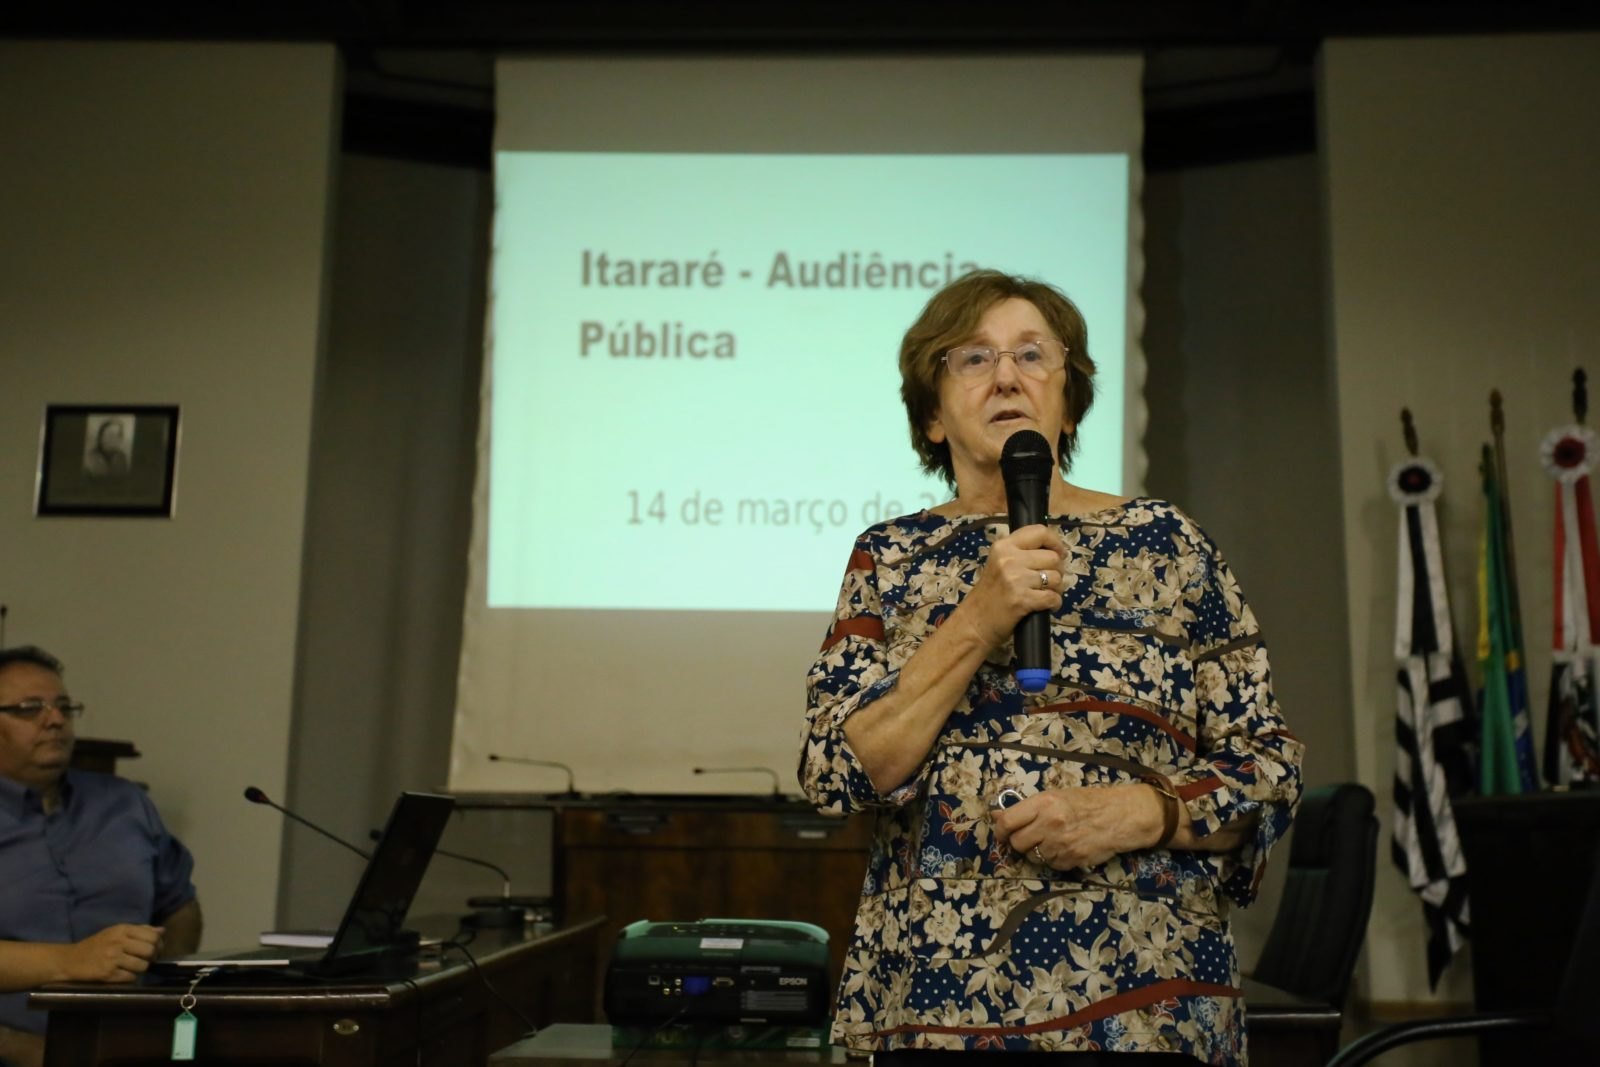 Prefeitura de Itararé (SP) realiza primeira audiência pública para apresentação do anteprojeto do Plano Diretor